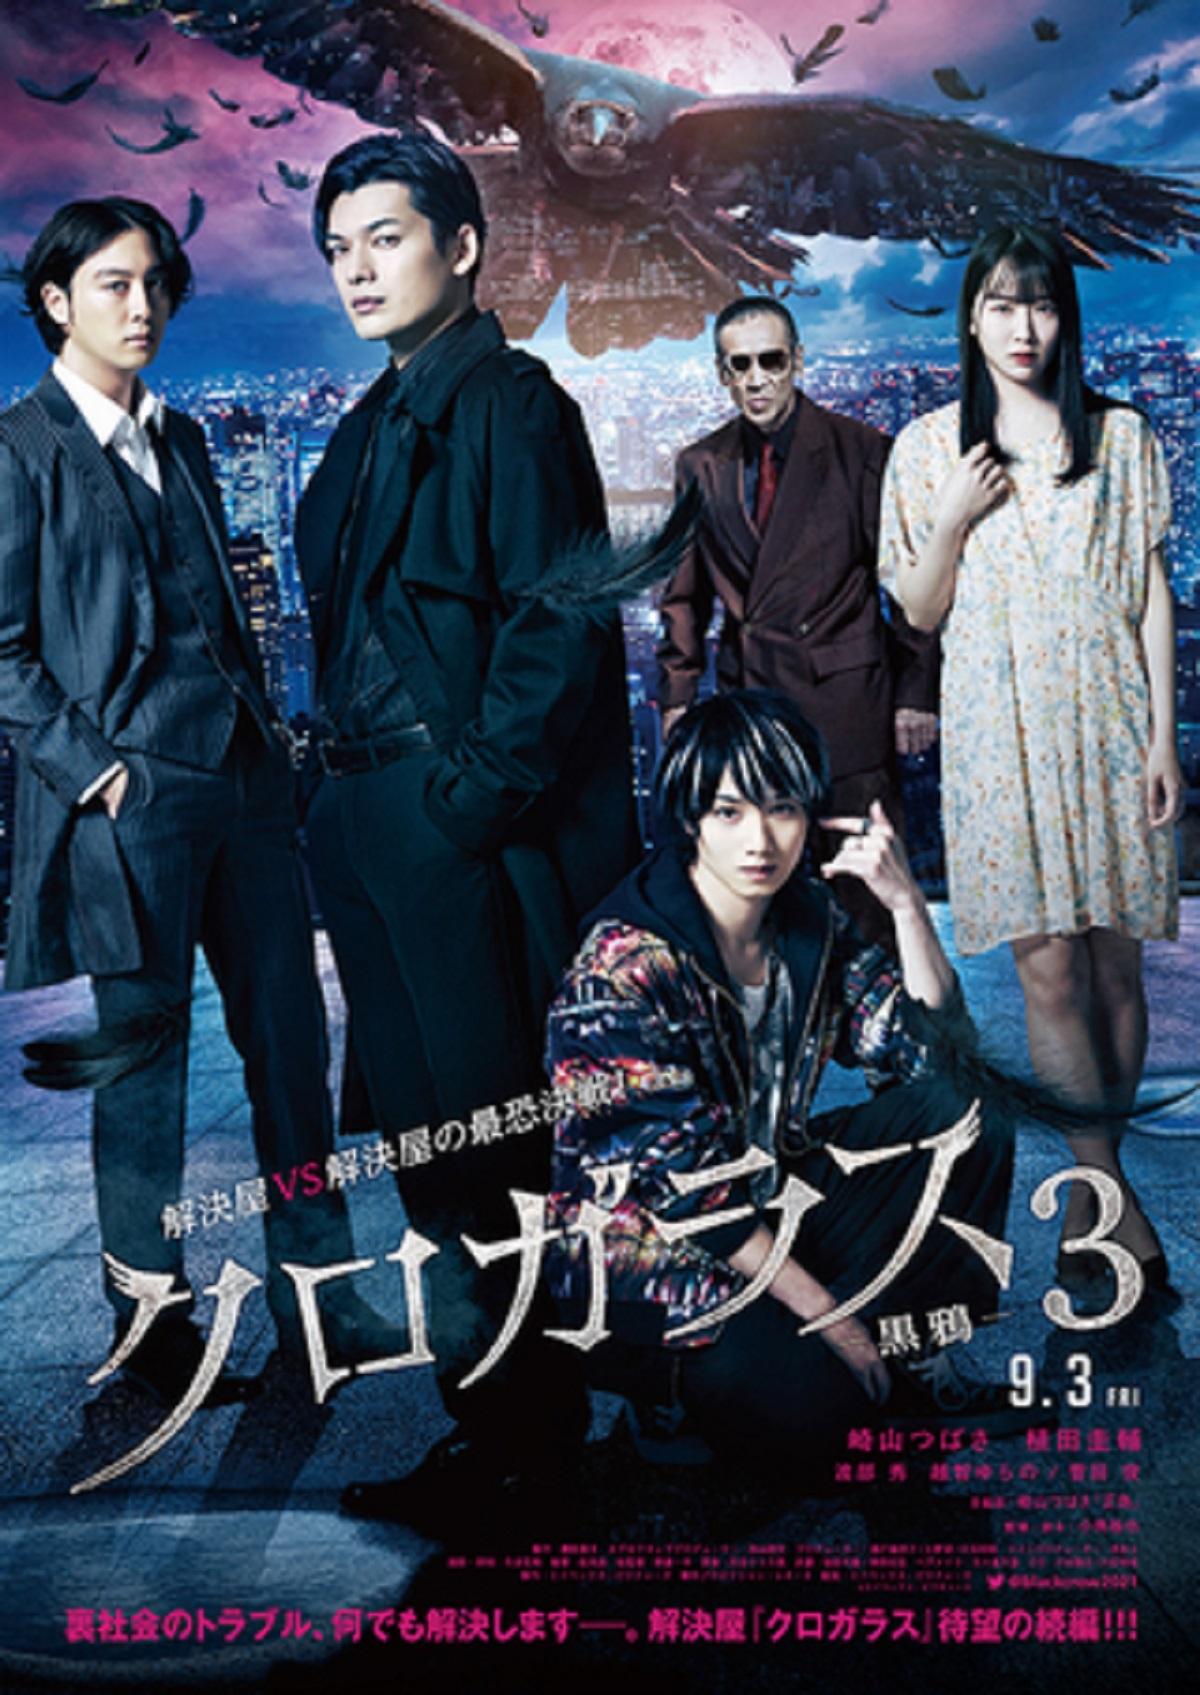 映画『クロガラス3』ポスター